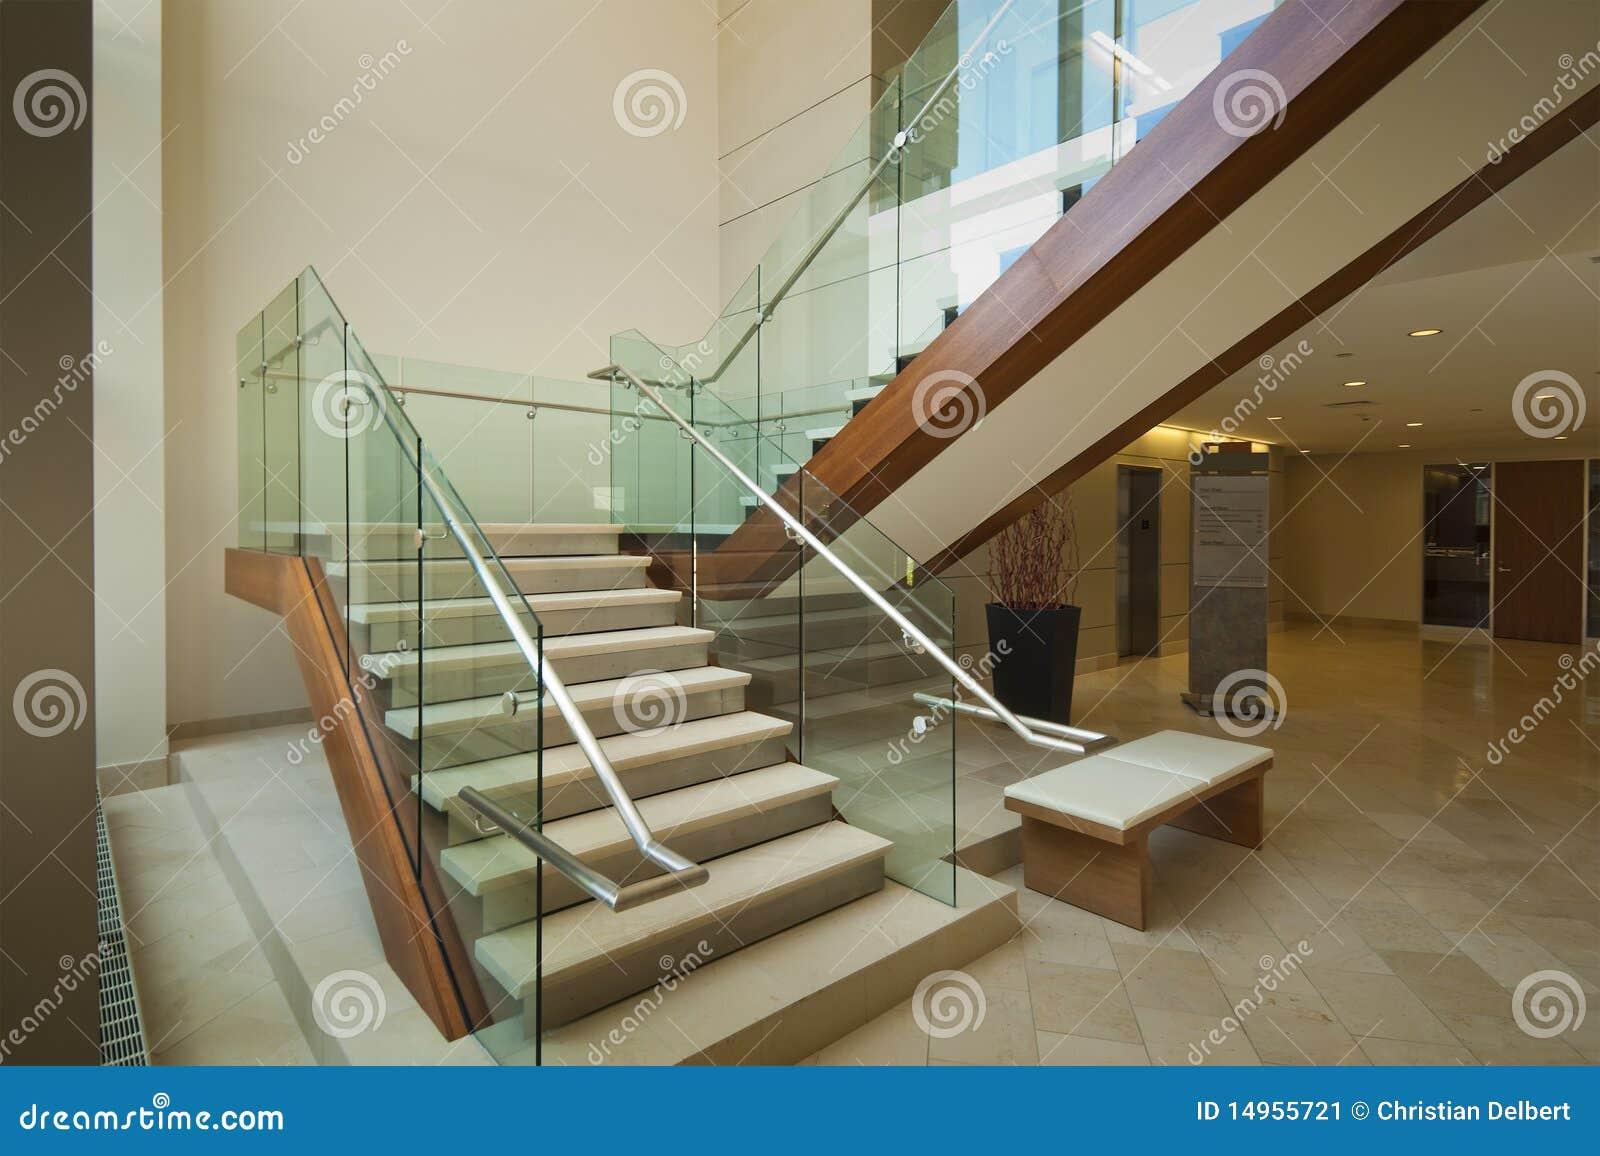 cristal edificio escalera